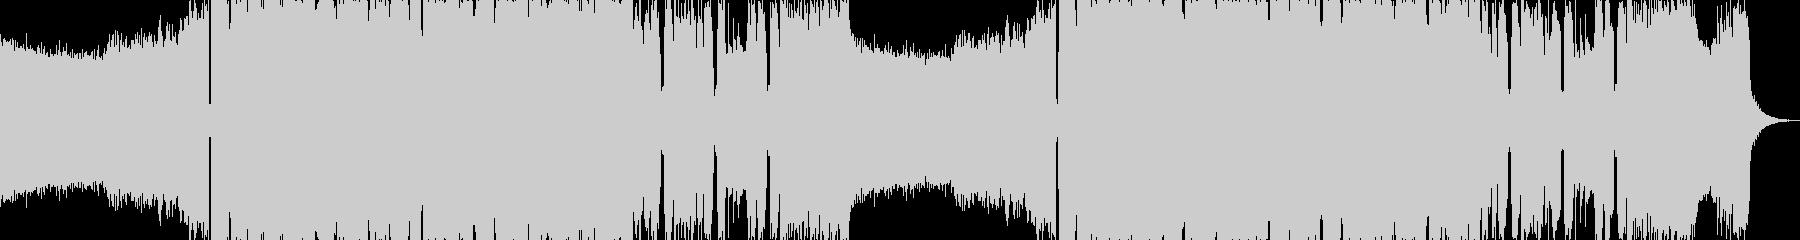 アグレッシブシネマティックヘヴィロックaの未再生の波形